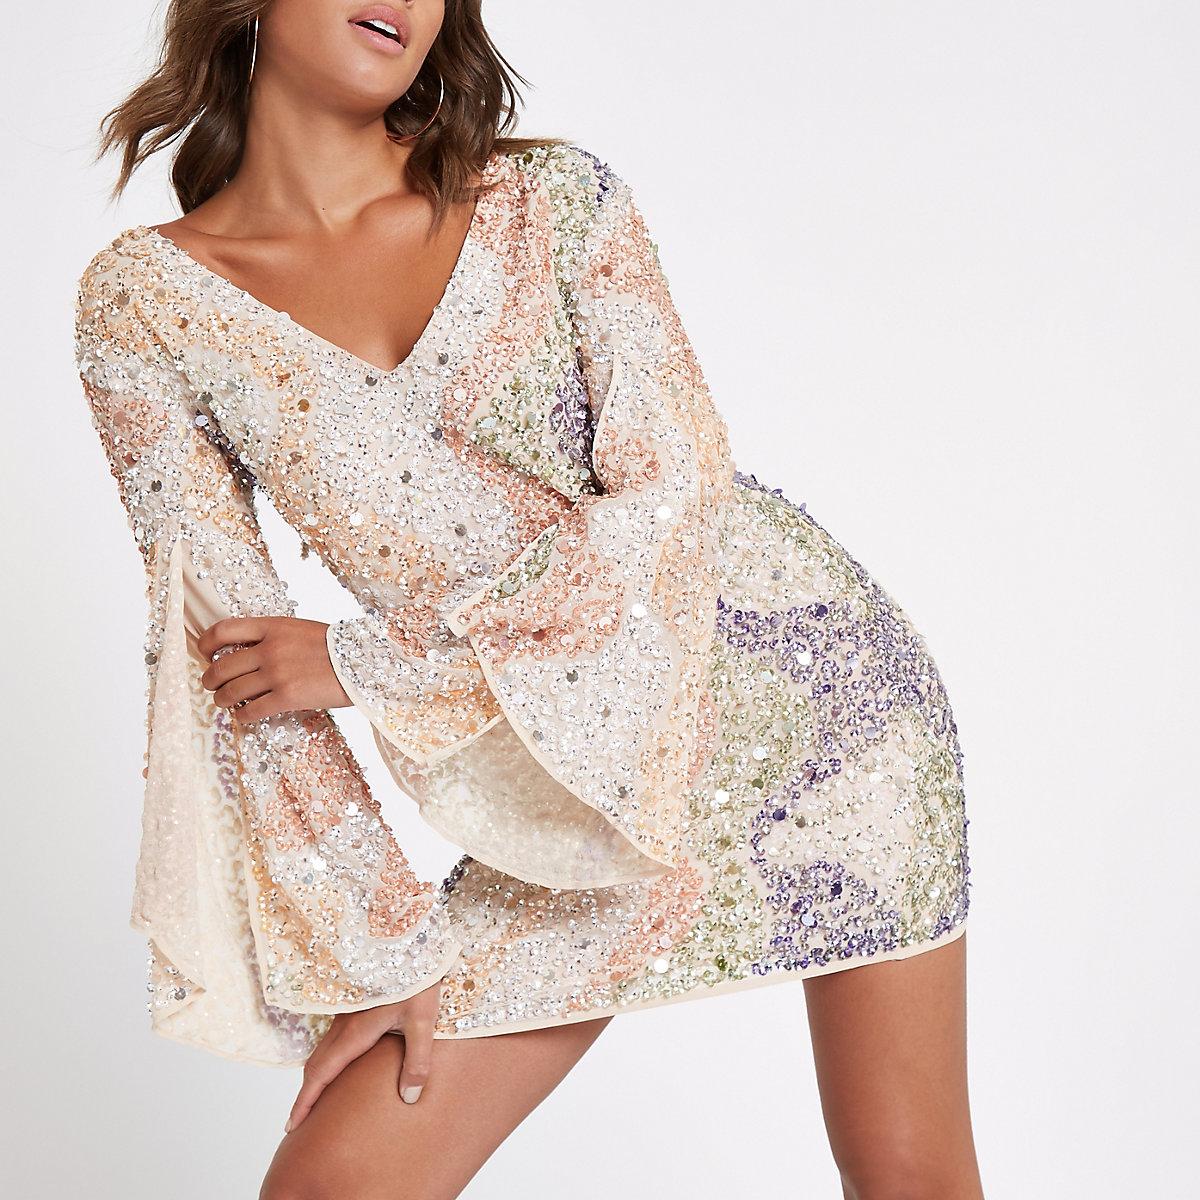 Beige sequin embellished mini dress